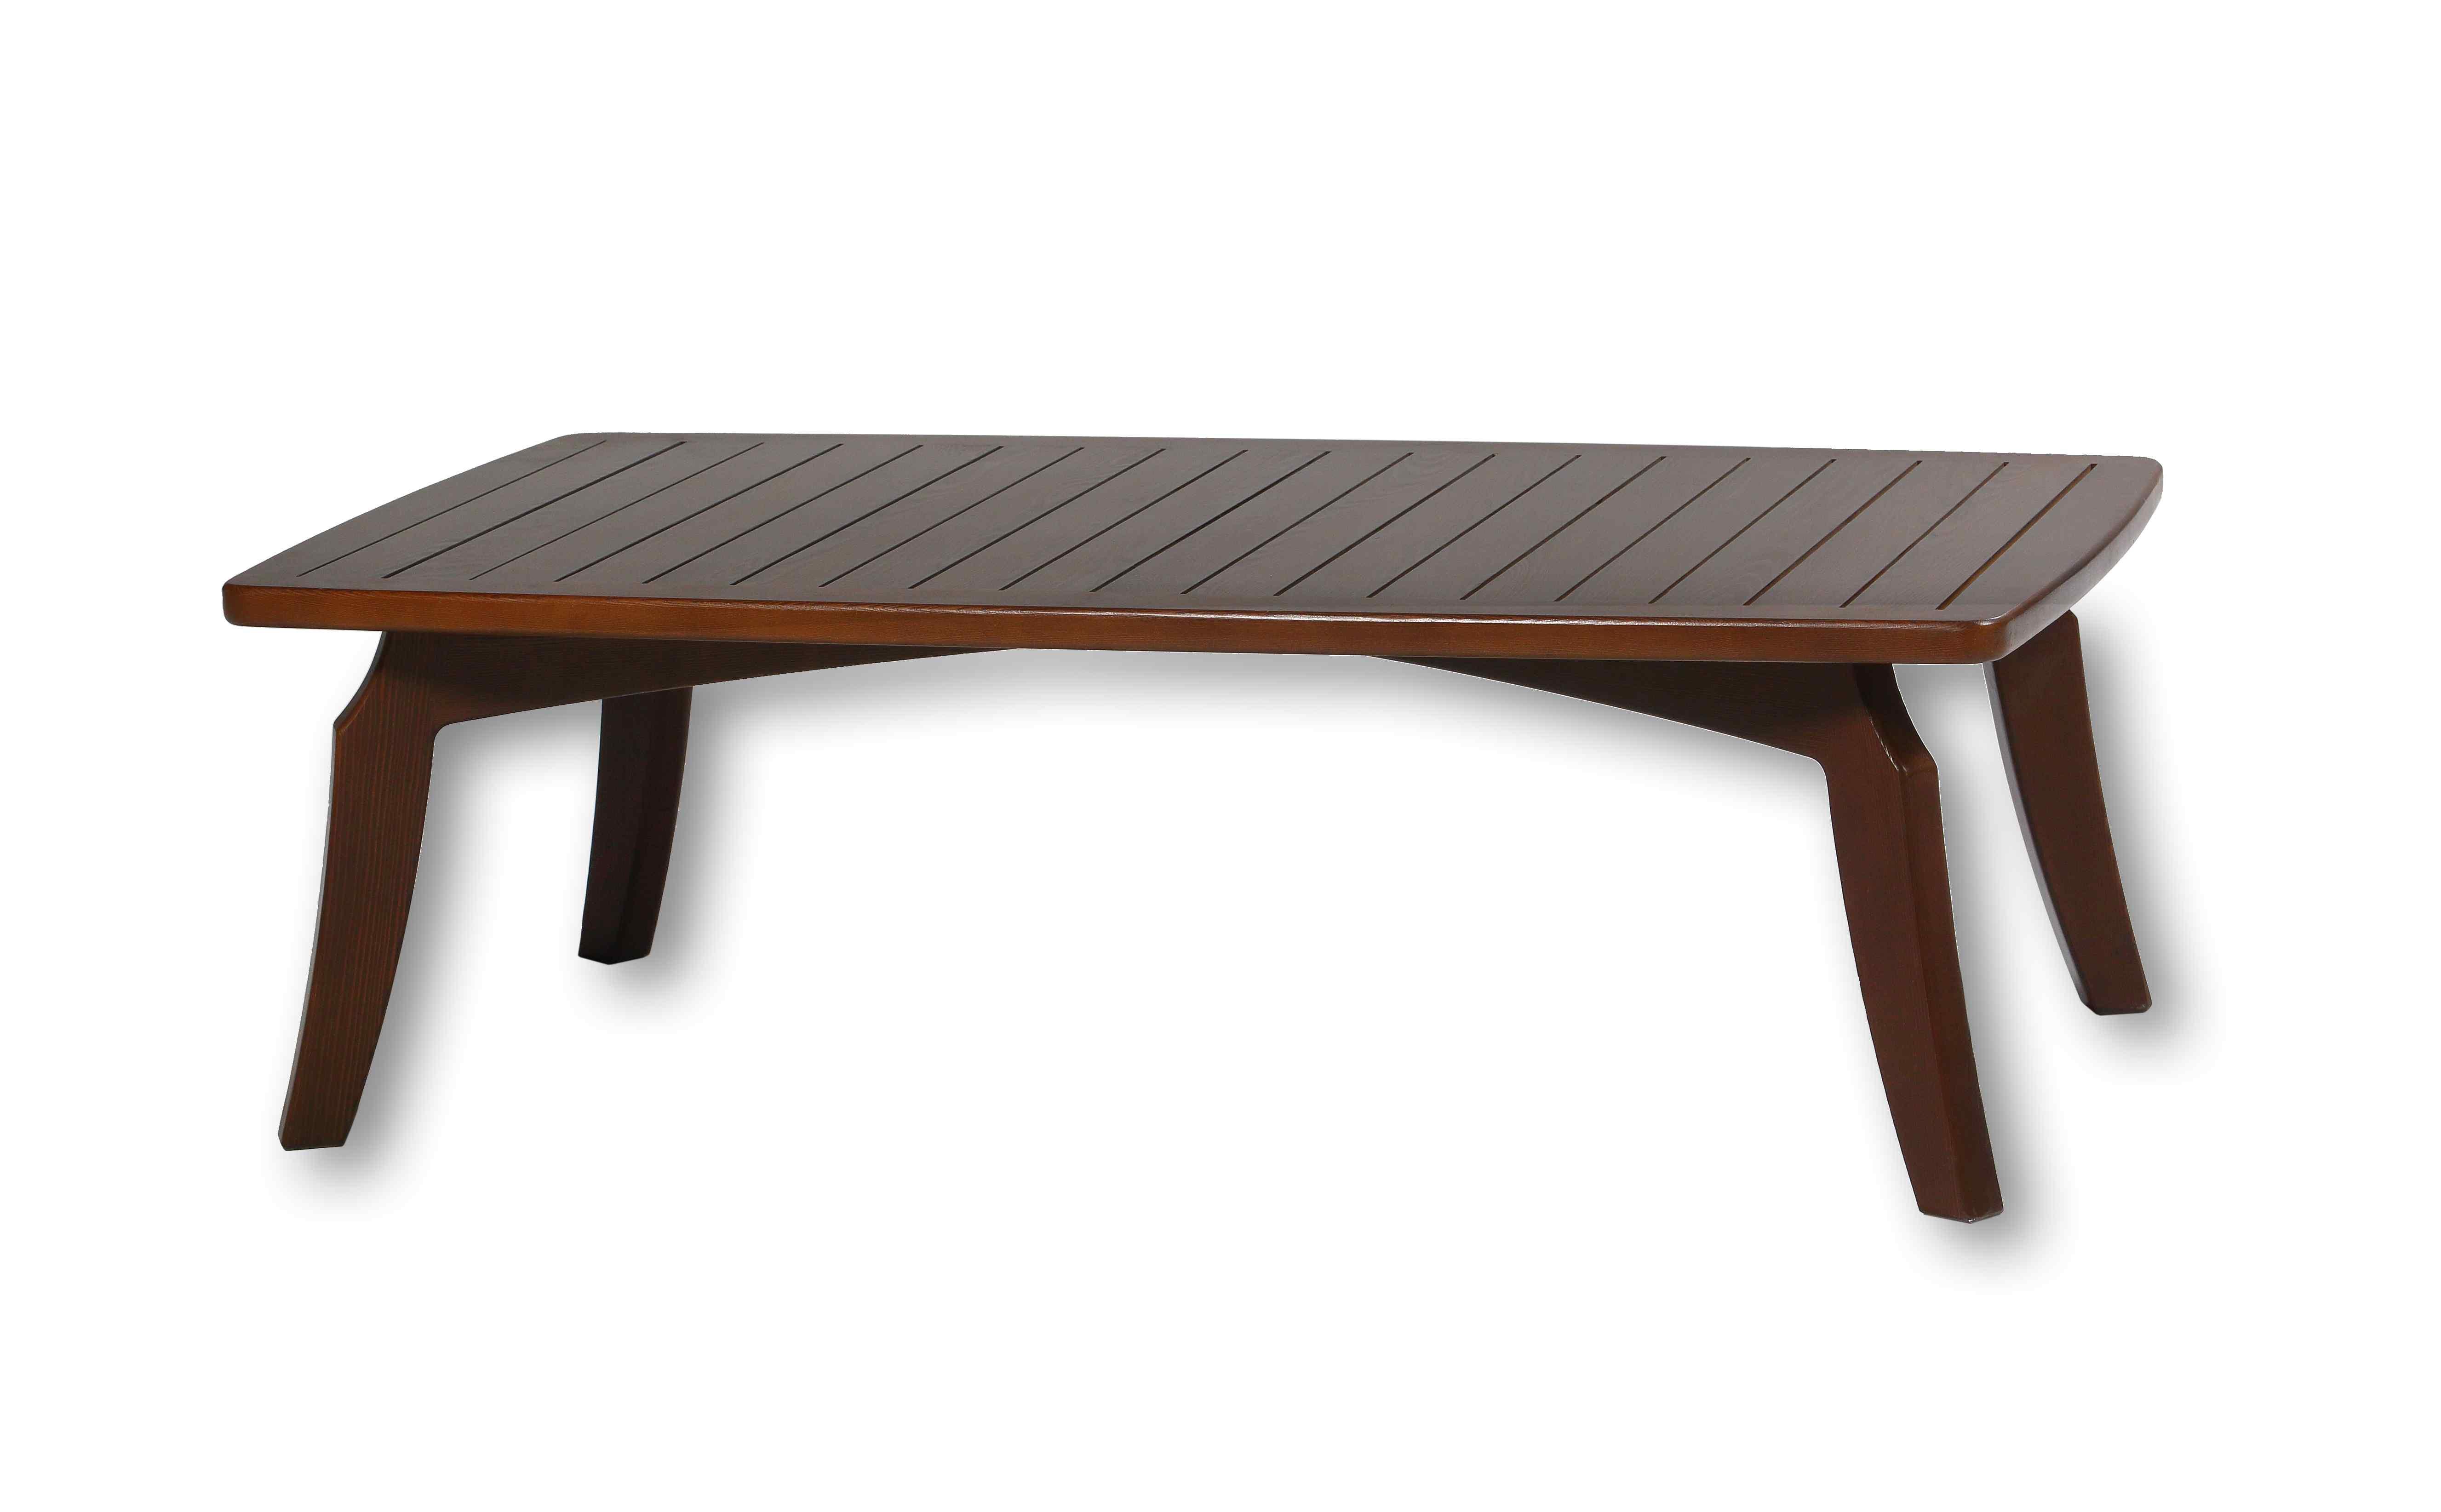 Стол журнальный АристократСтолы и столики для сада<br>Изделие изготовлено из натуральной древесины хвойных пород.<br><br>Material: Дерево<br>Ширина см: 126<br>Высота см: 40<br>Глубина см: 72